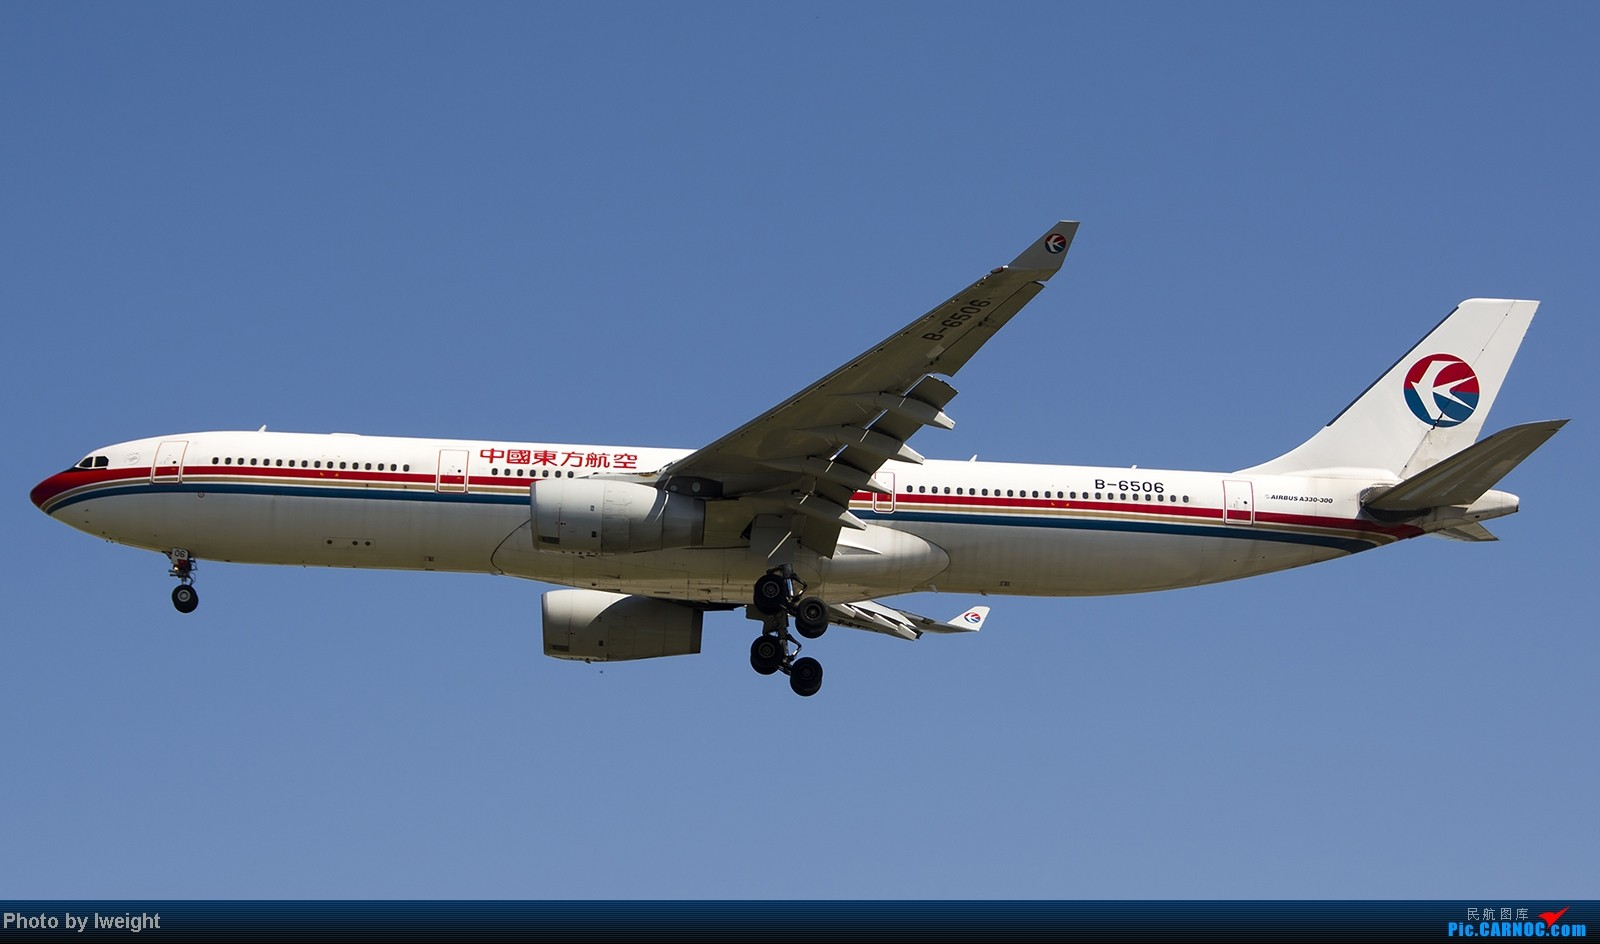 Re:[原创]难得赶上PEK周末好天气,各种常见机型都有收获 AIRBUS A330-300 B-6506 中国北京首都机场